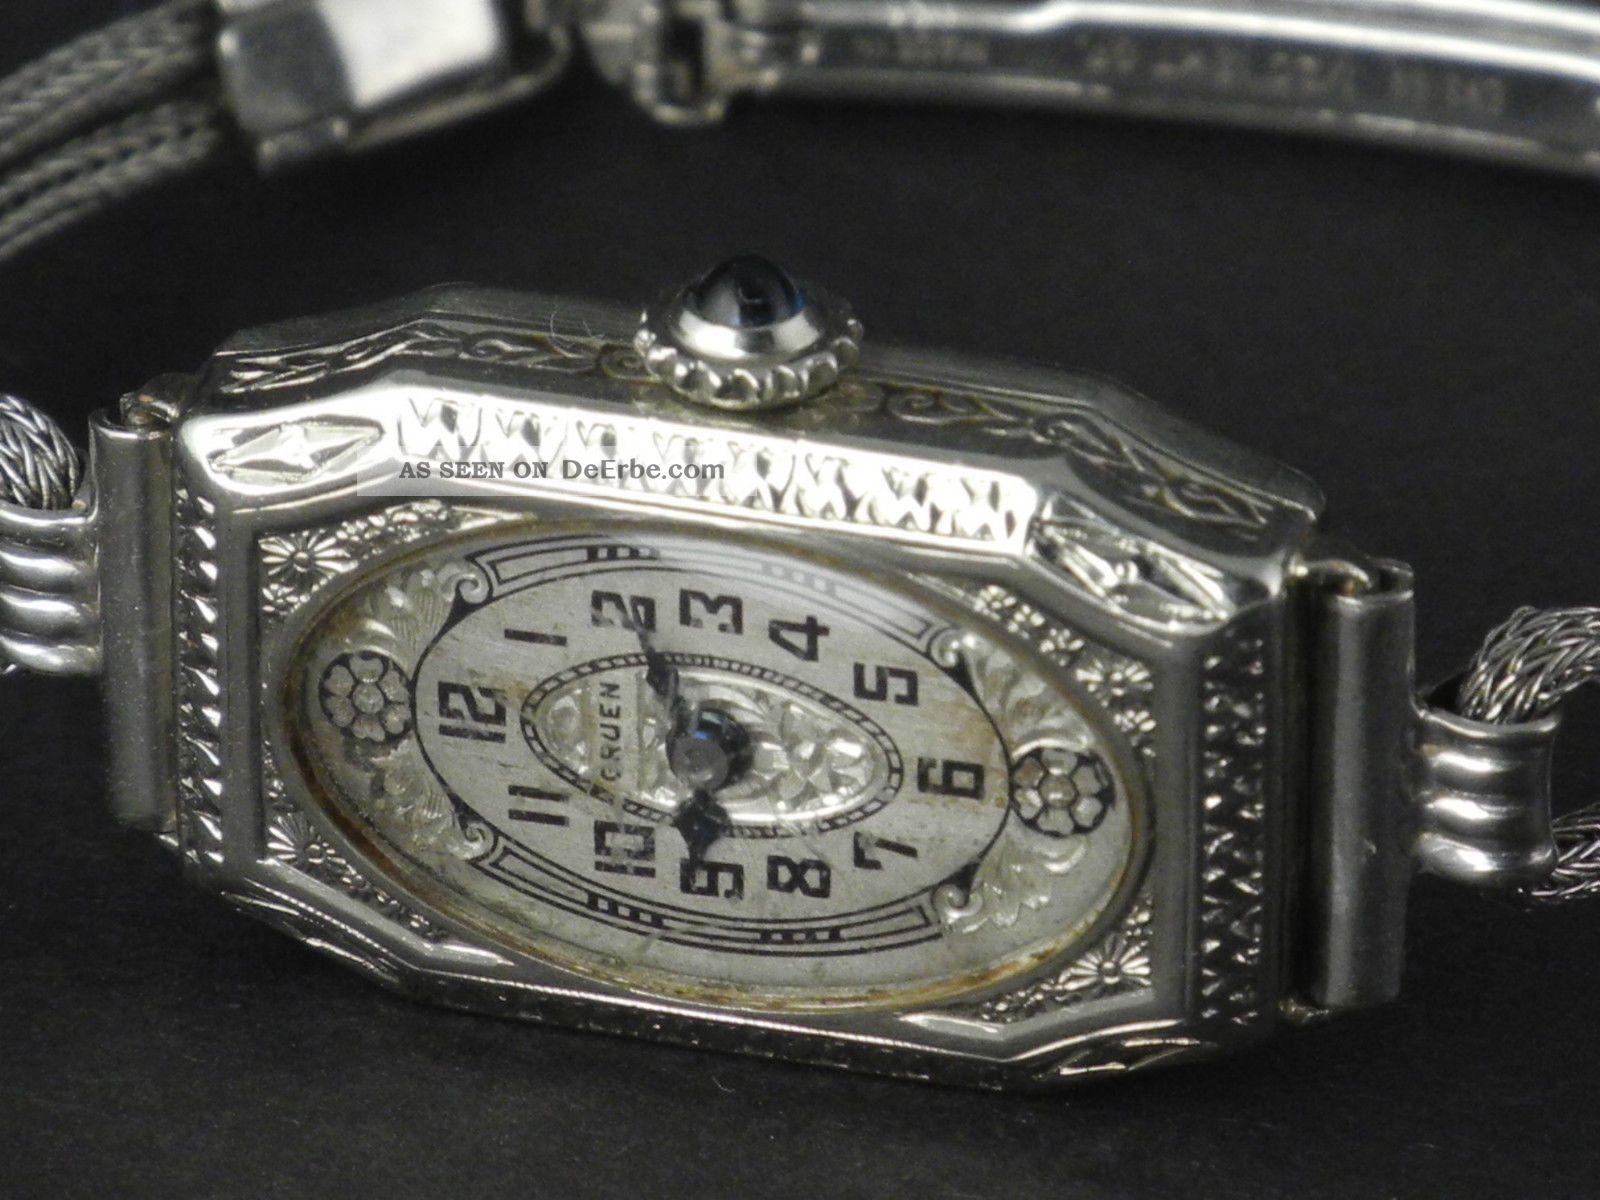 gruen jugendstil bzw art deco damen armbanduhr in sensationeller sch nheit 1920. Black Bedroom Furniture Sets. Home Design Ideas